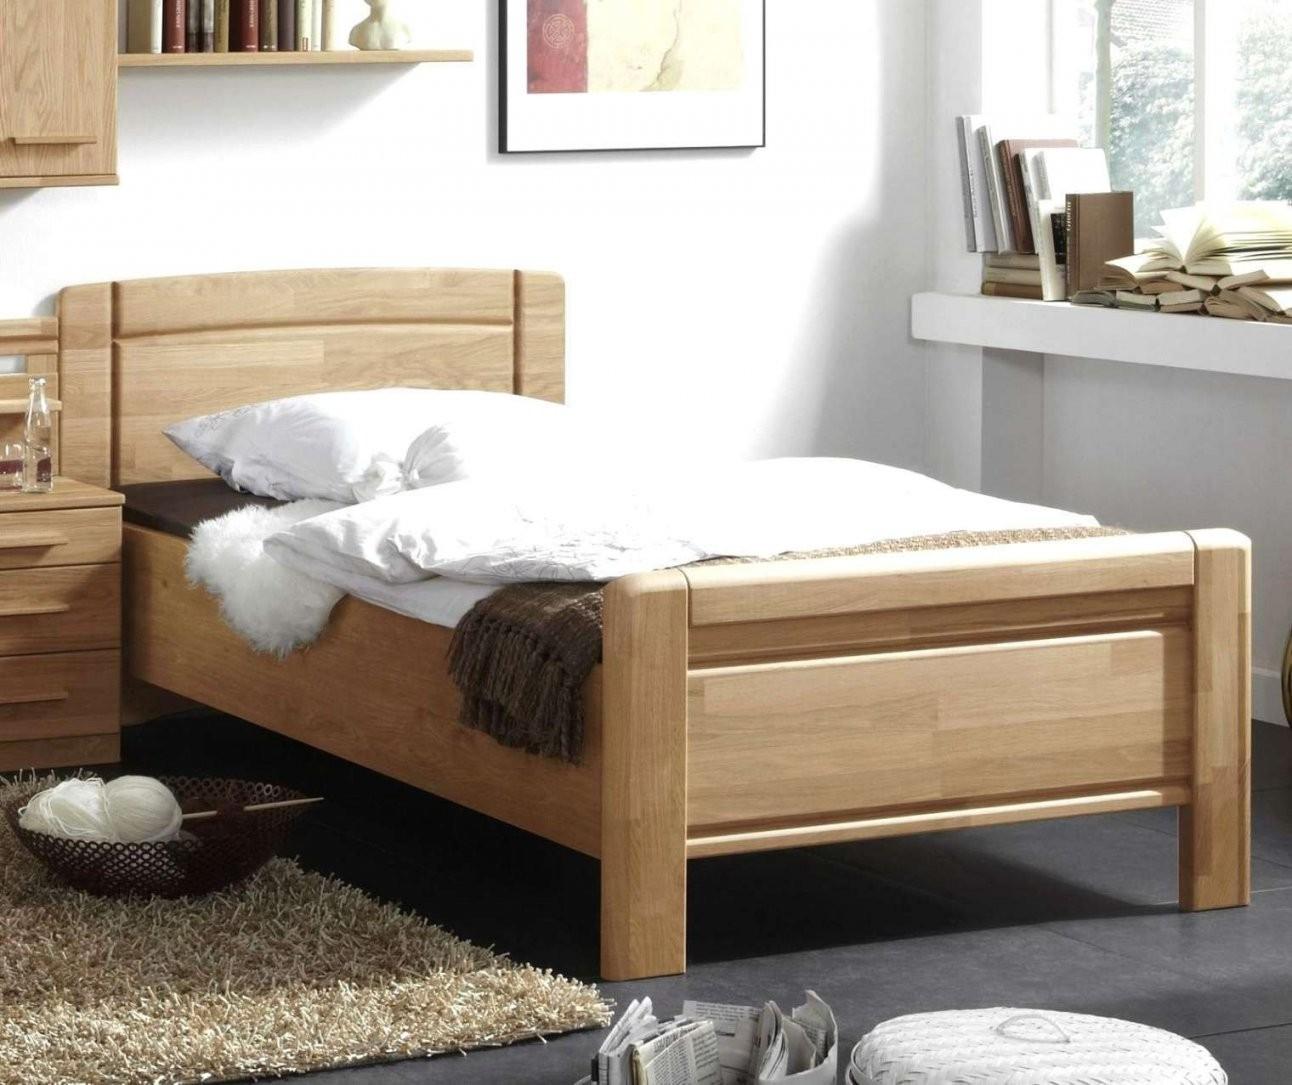 Doppelbett Gebraucht Frisch 50 Genial Designer Bett 200×200 Sammlung von Bett 200X200 Gebraucht Bild